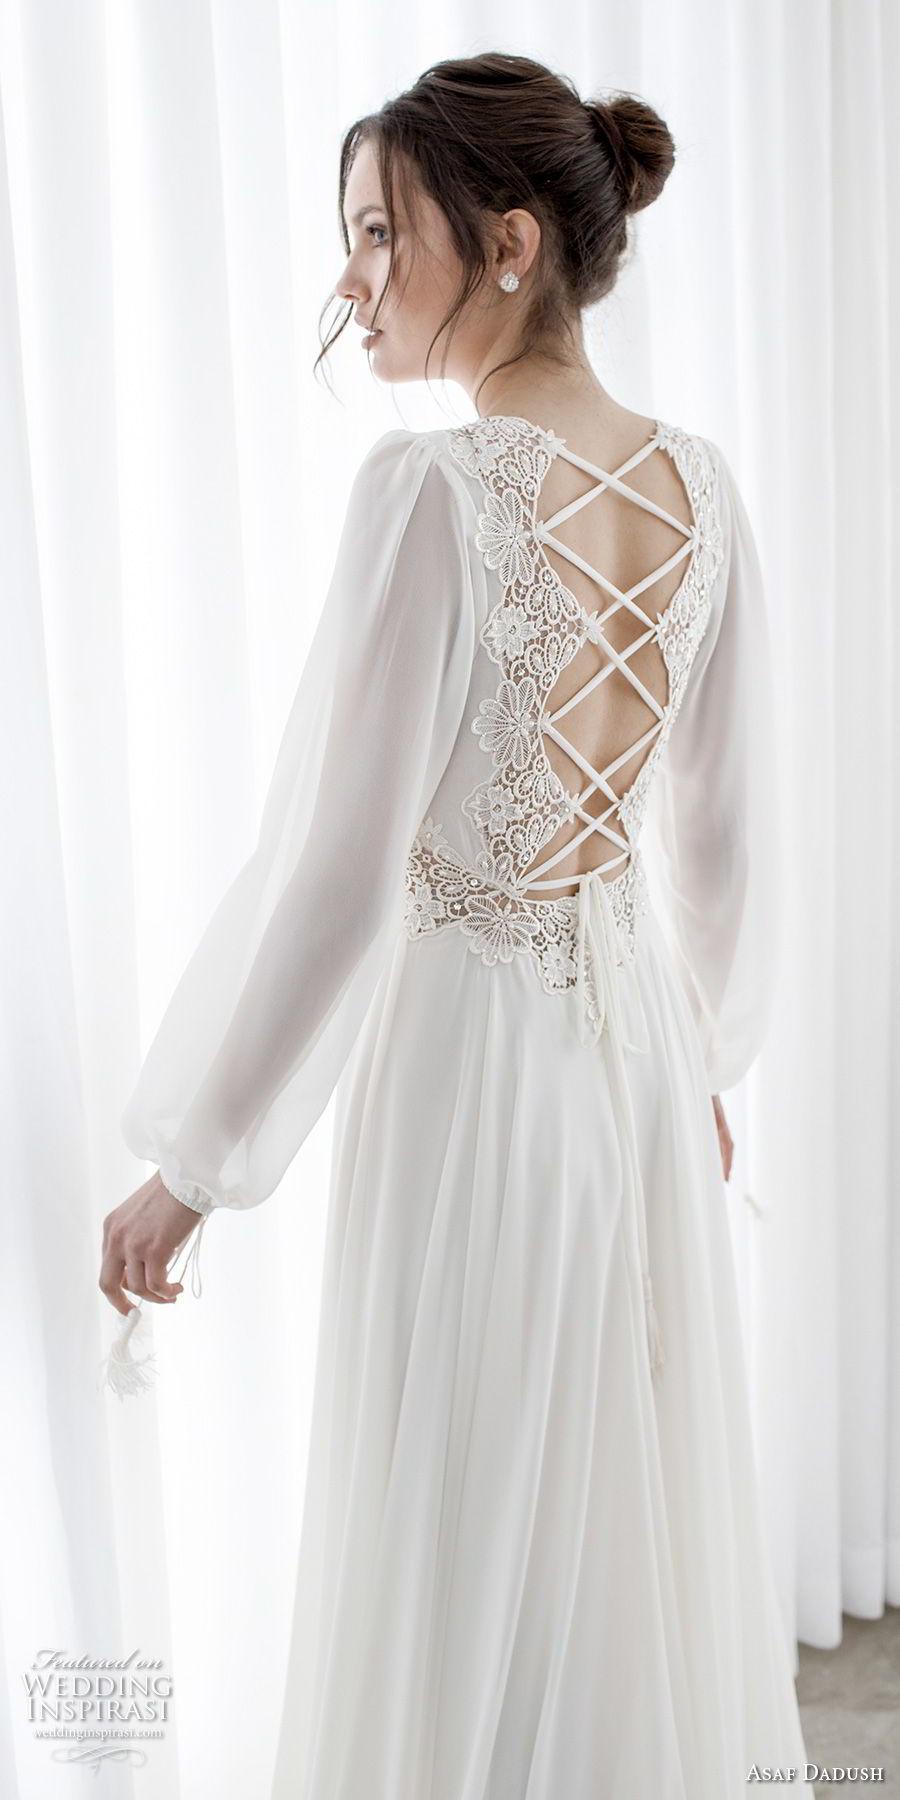 asaf dadush 2017 bridal long bishop sleeves v neck lighly embellished bodice romantic bohemian soft a  line wedding dress cross strap back sweep train (14) zbv